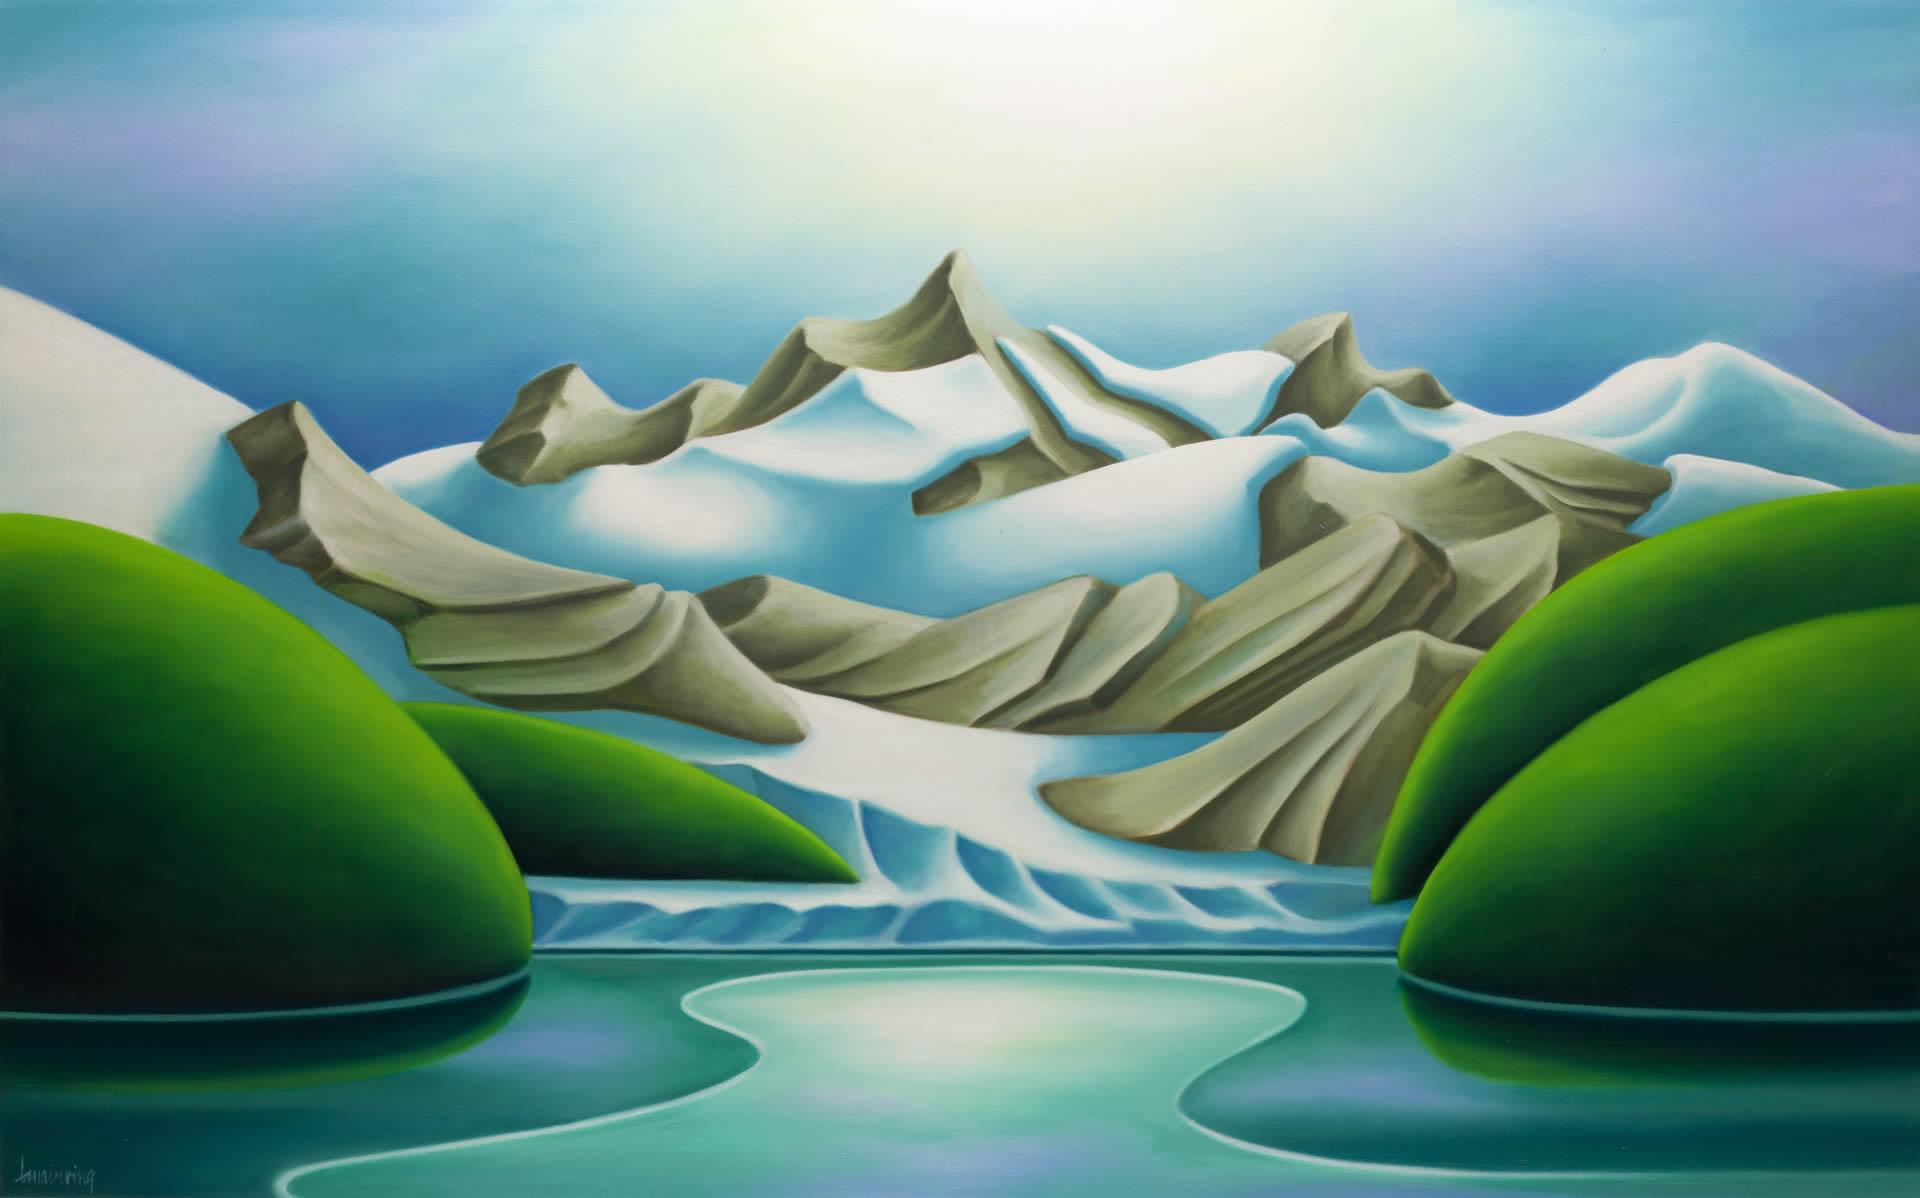 https://onlineartgalleries.ca/product/dana-irving-marjorie-glacier/